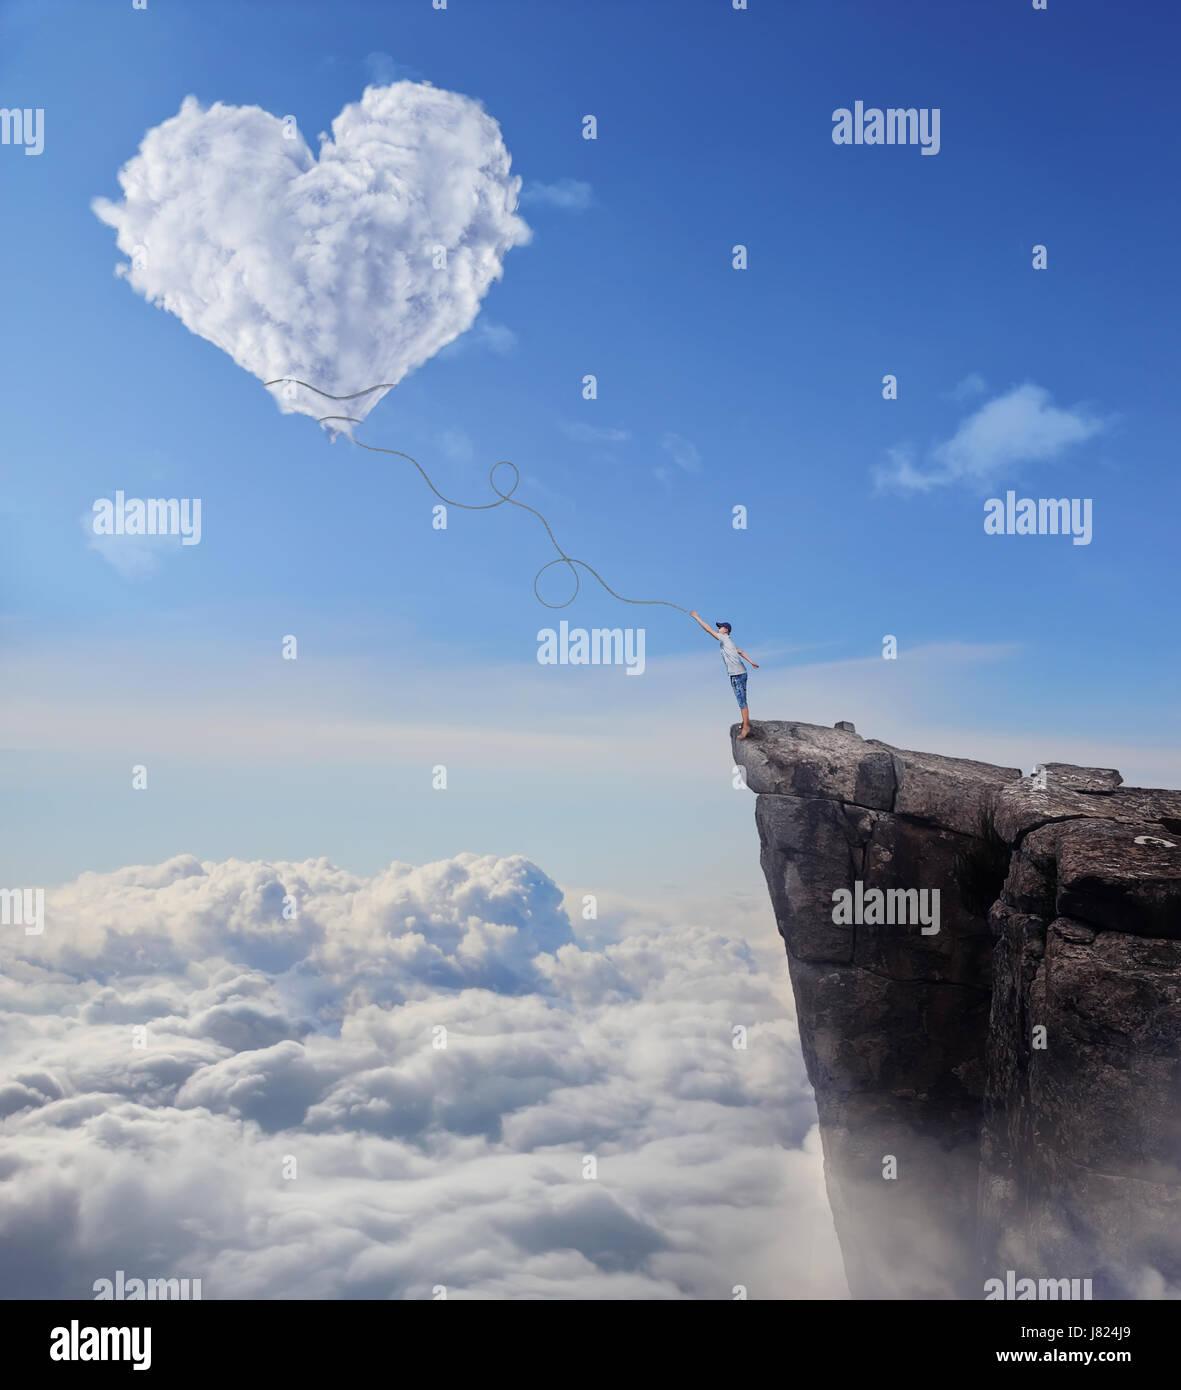 Vista immaginaria con un ragazzo sul bordo di una scogliera, cercando di catturare un cuore cloud sagomato con una Immagini Stock